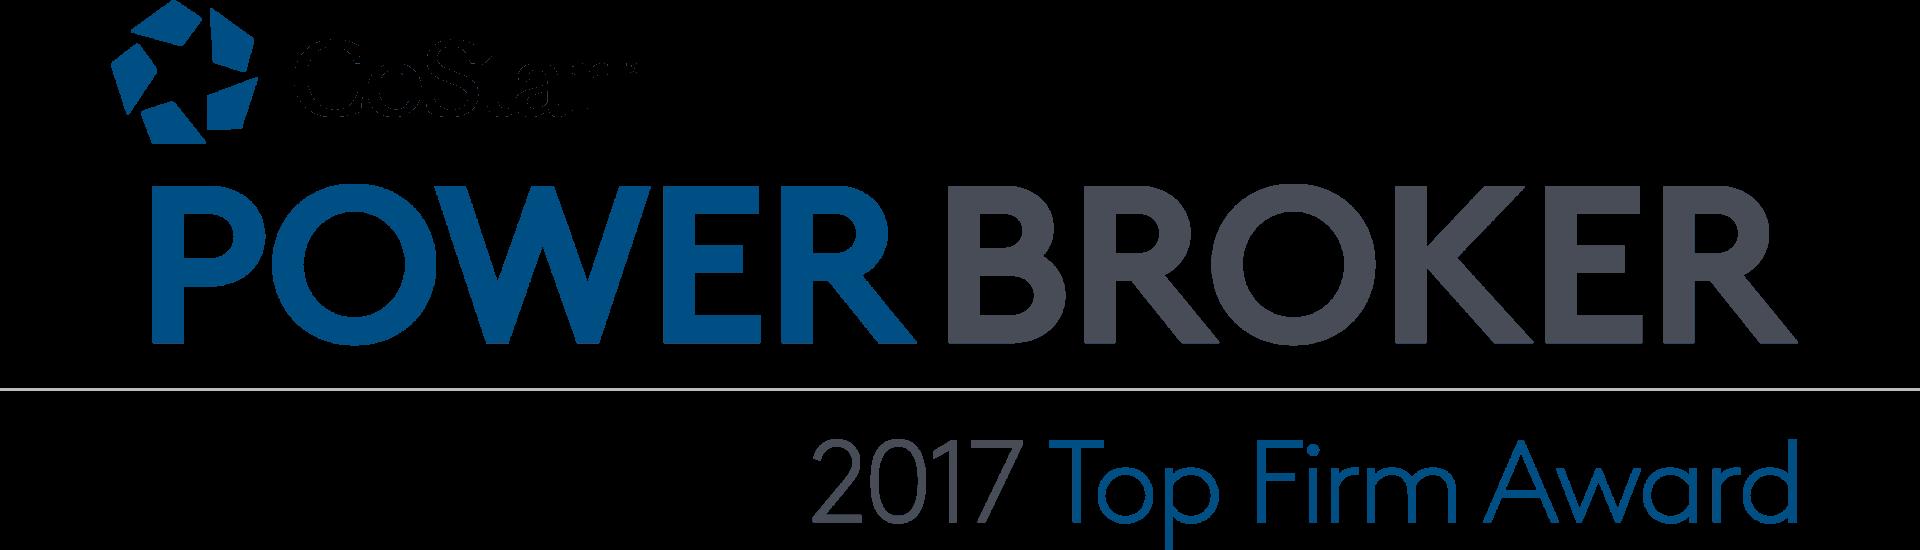 CoStar Power Broker – Top Sales Firm